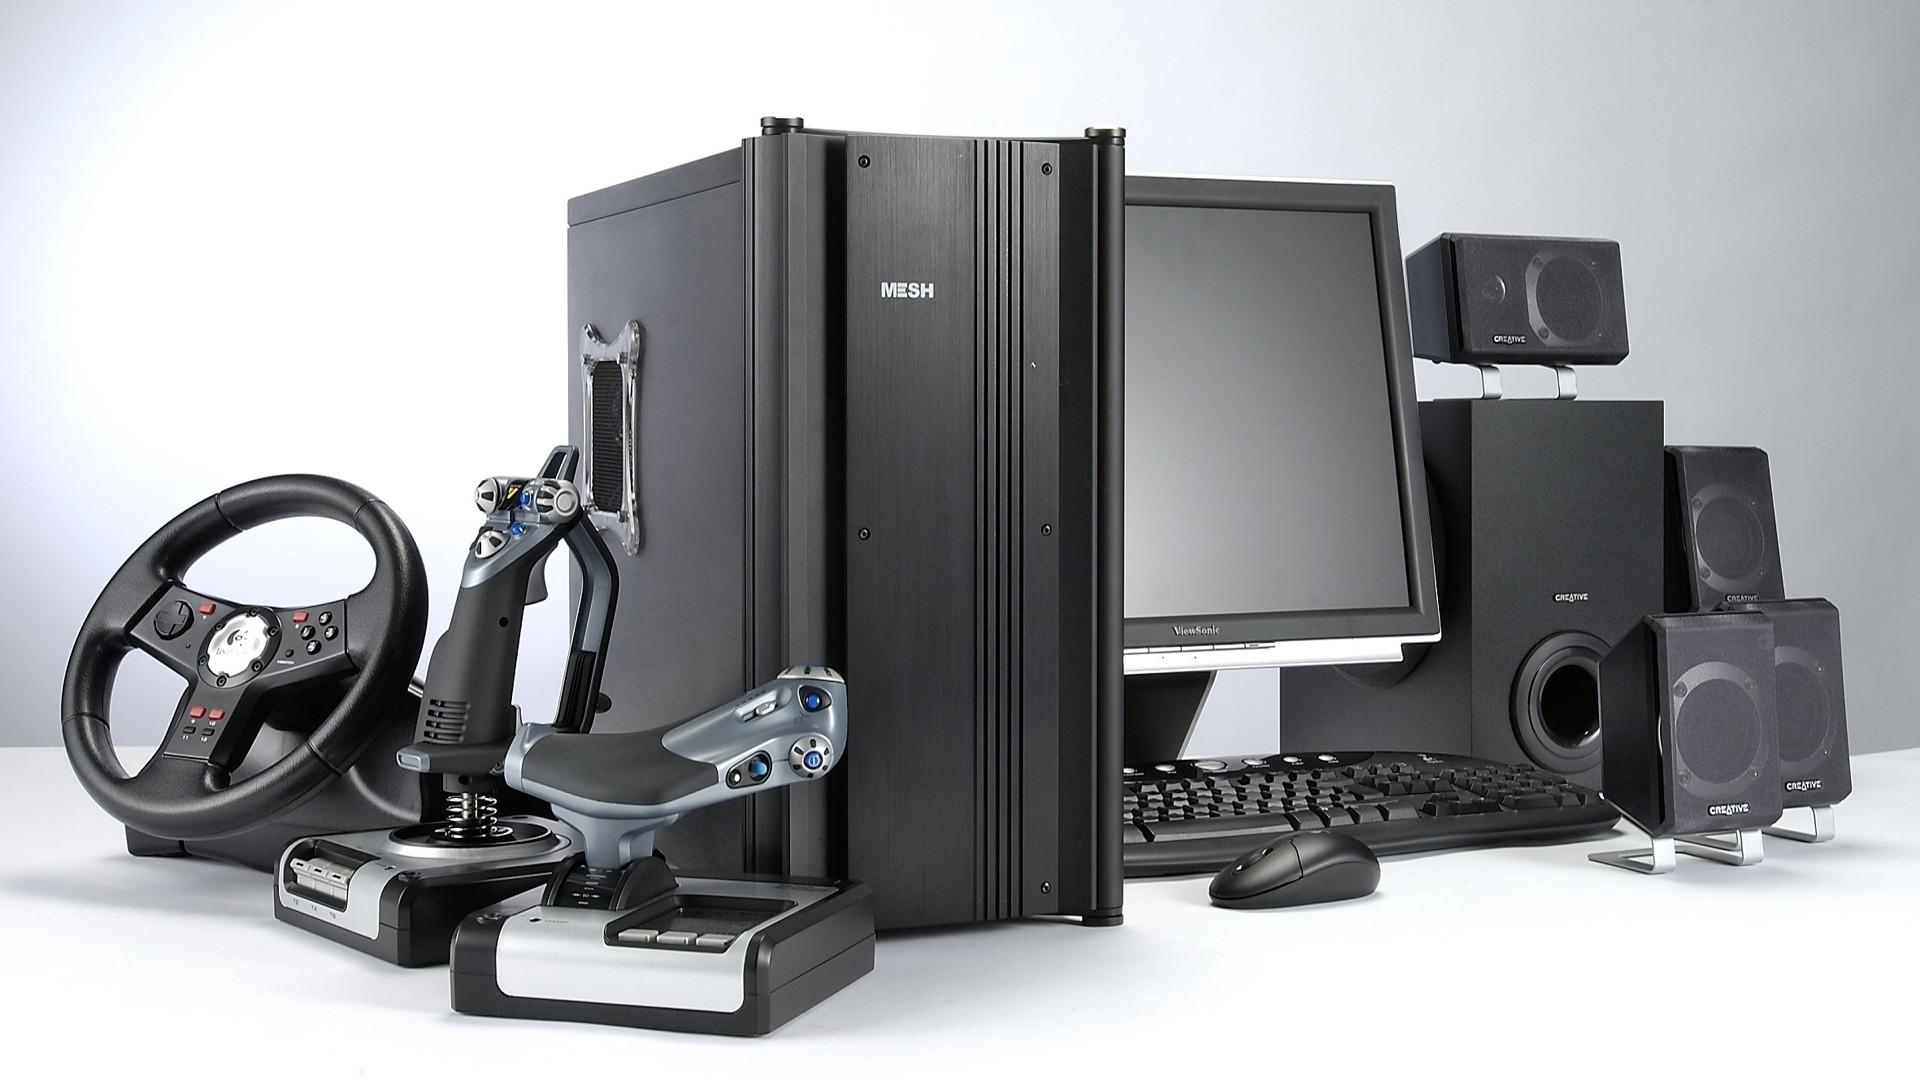 Компьютерная техника и гаджеты